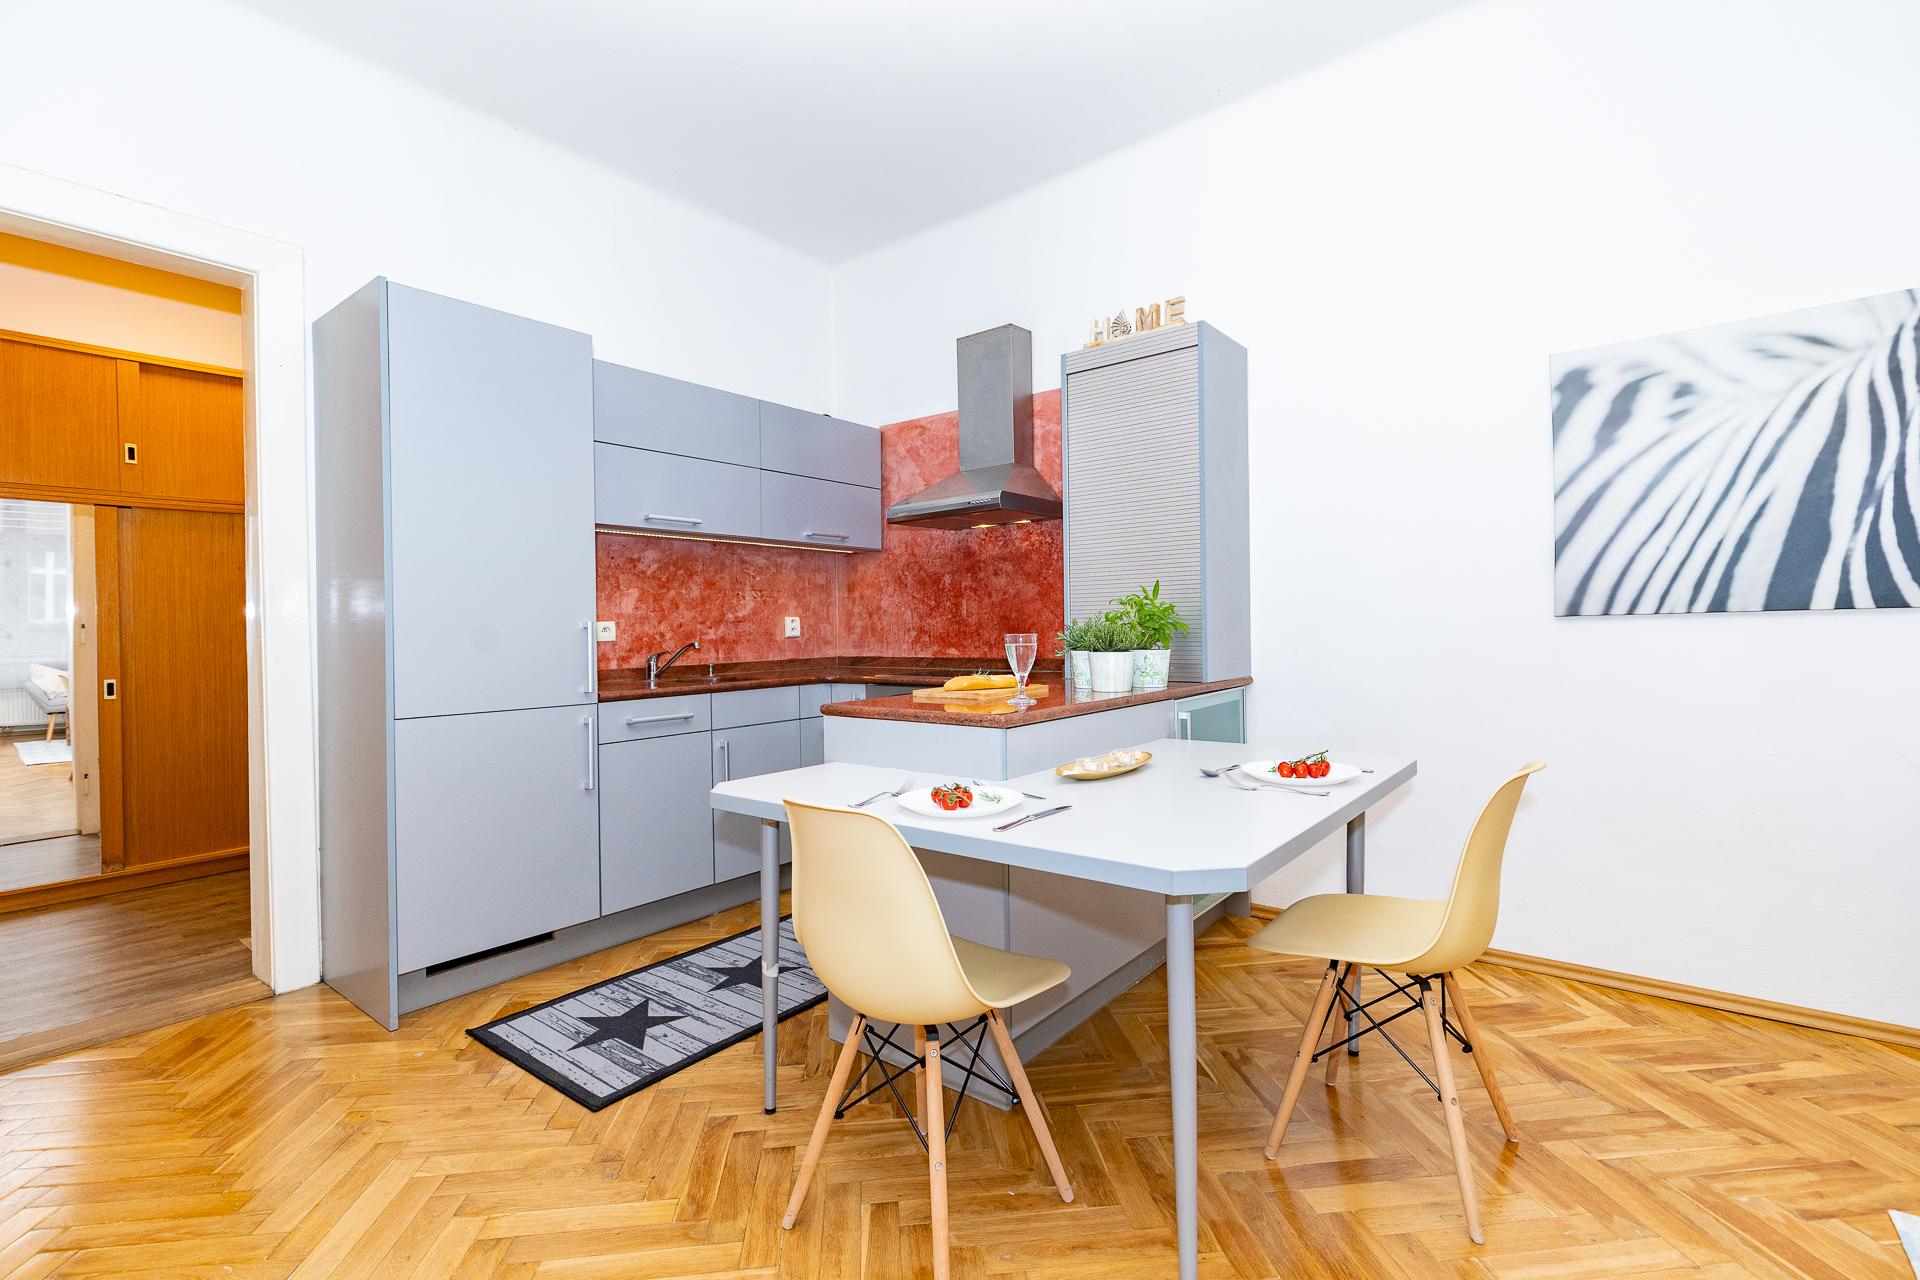 kuchyňský kout s jídelním stolem a dřevěnou podlahou